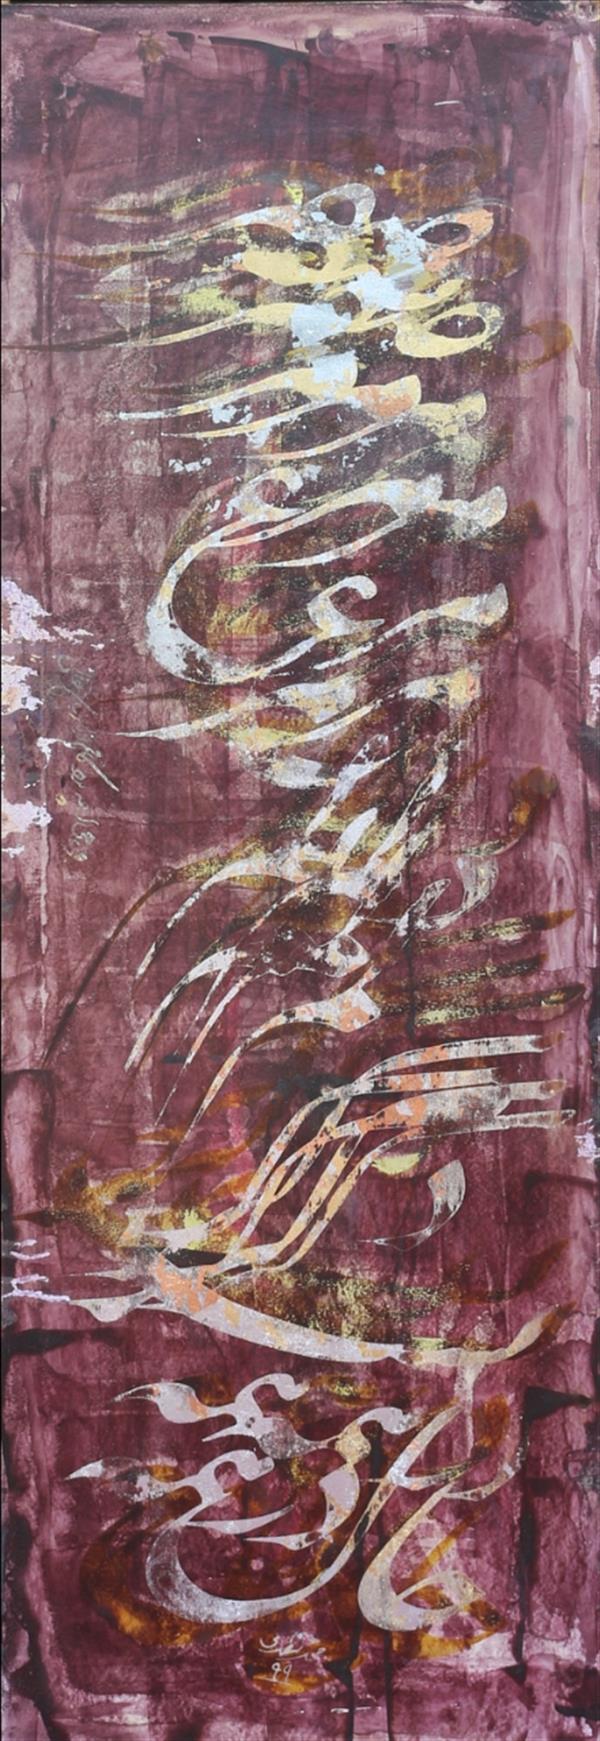 هنر خوشنویسی محفل خوشنویسی محمد مظهری صفیر مرغ دلم ذکر تست در همه حال، چو ماهی ار چه بود کامم از زبان خالی... (سیف فرغانی) (۲۵×۷۰) ورق فلزات و اکریلیک روی مقوا، پرس شده روی پلکسی